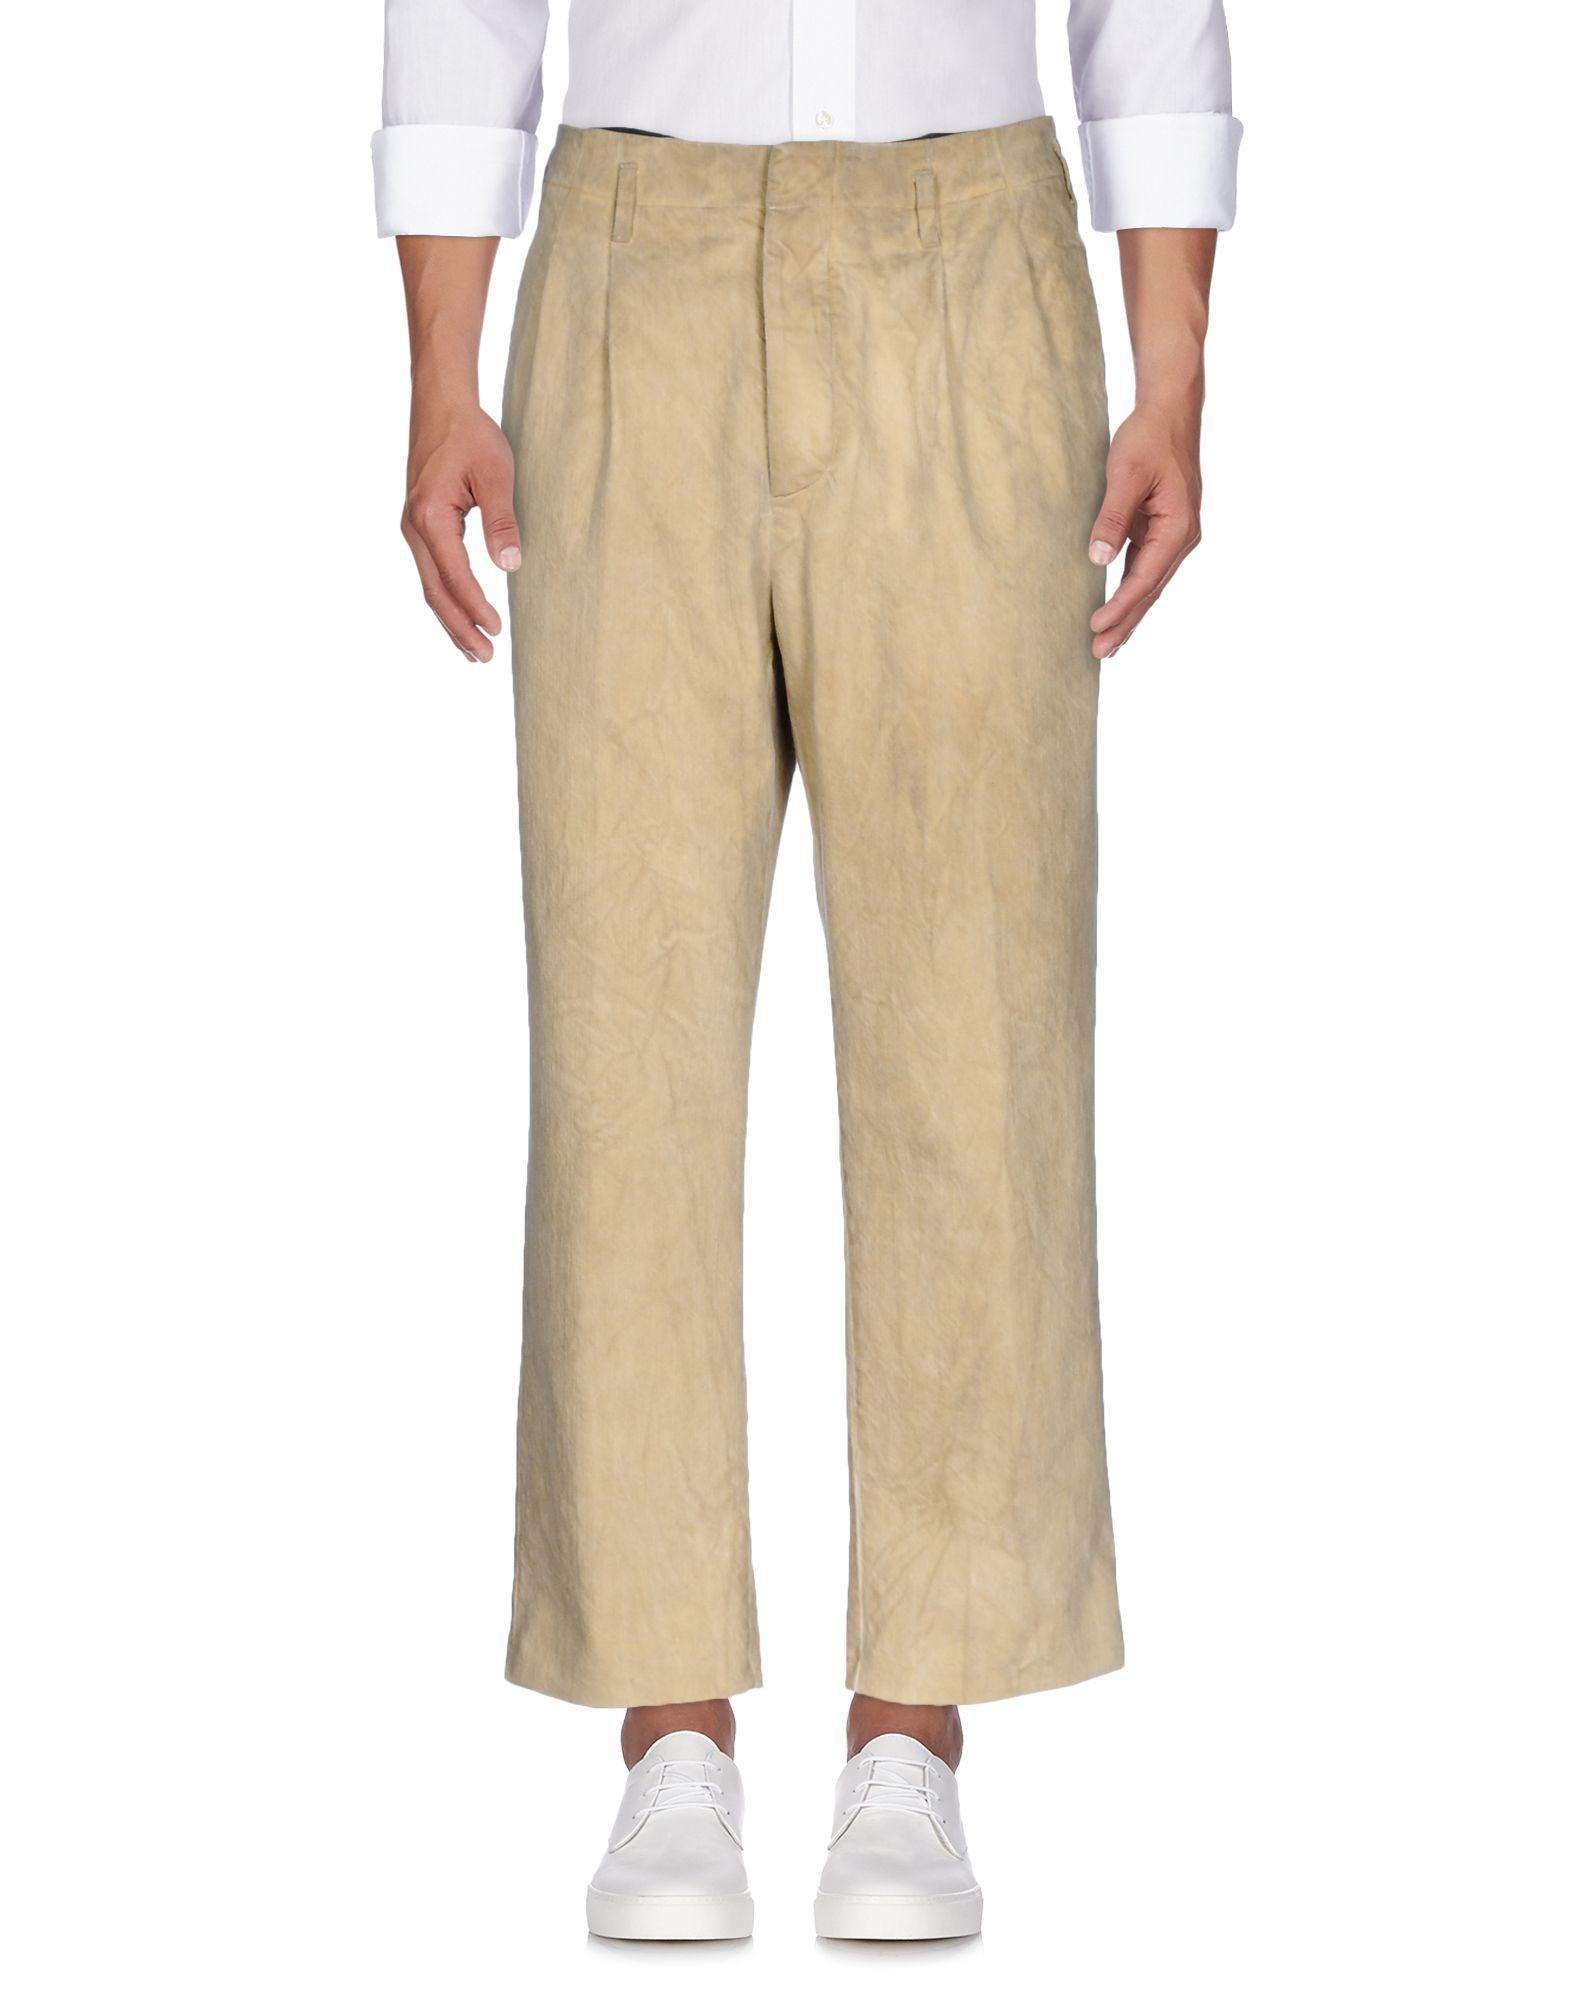 цены на ITER ITINERIS Джинсовые брюки в интернет-магазинах